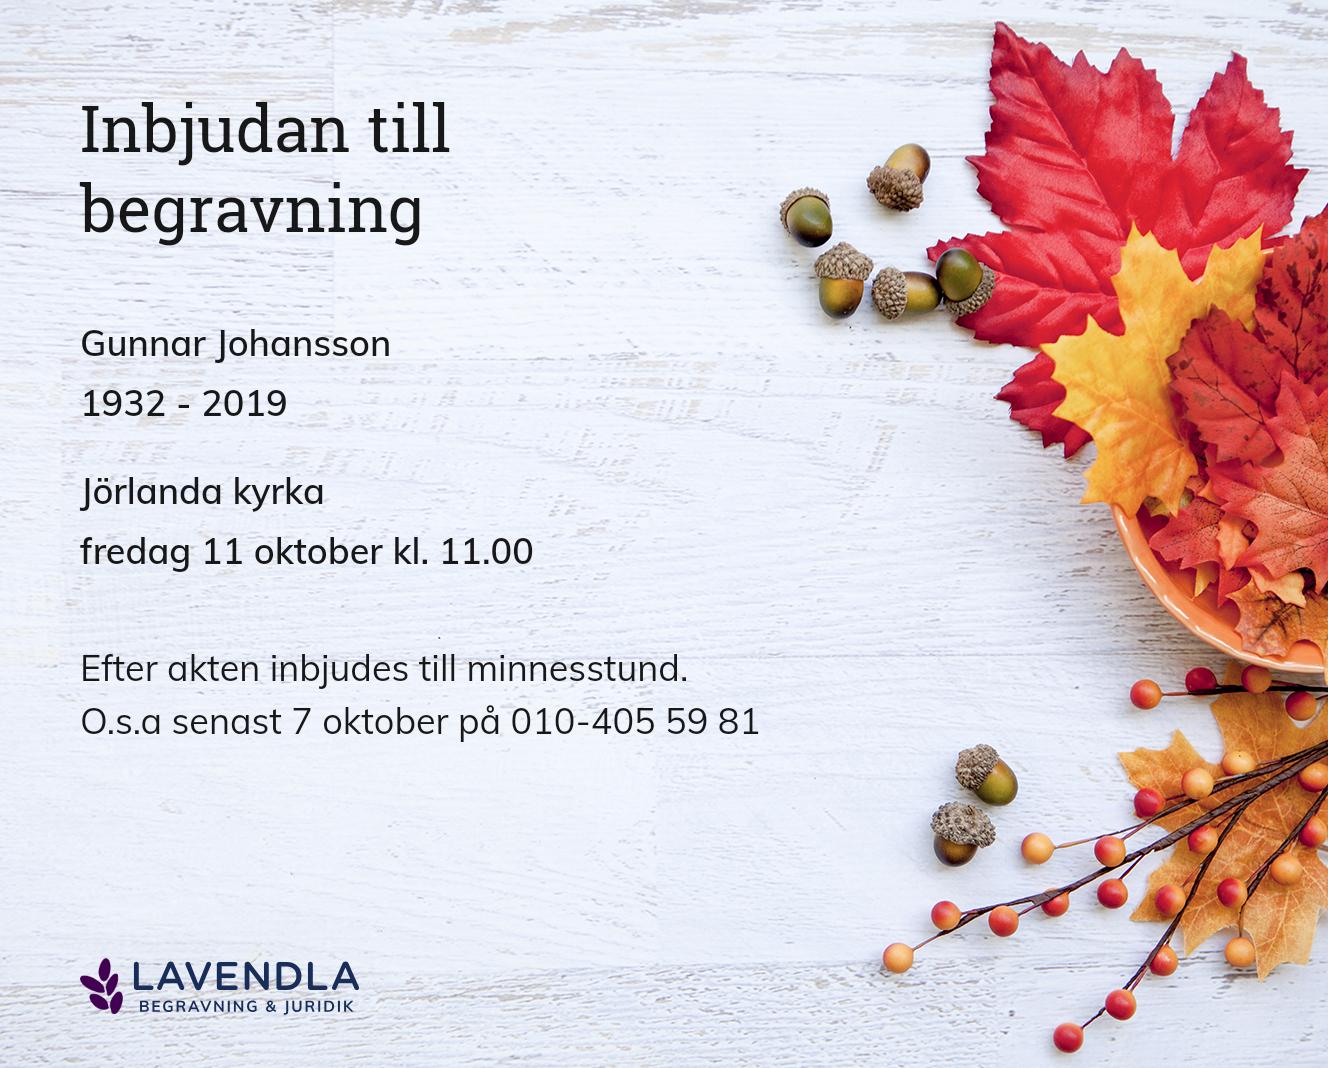 Inbjudningskort till ceremonin för Gunnar Johansson